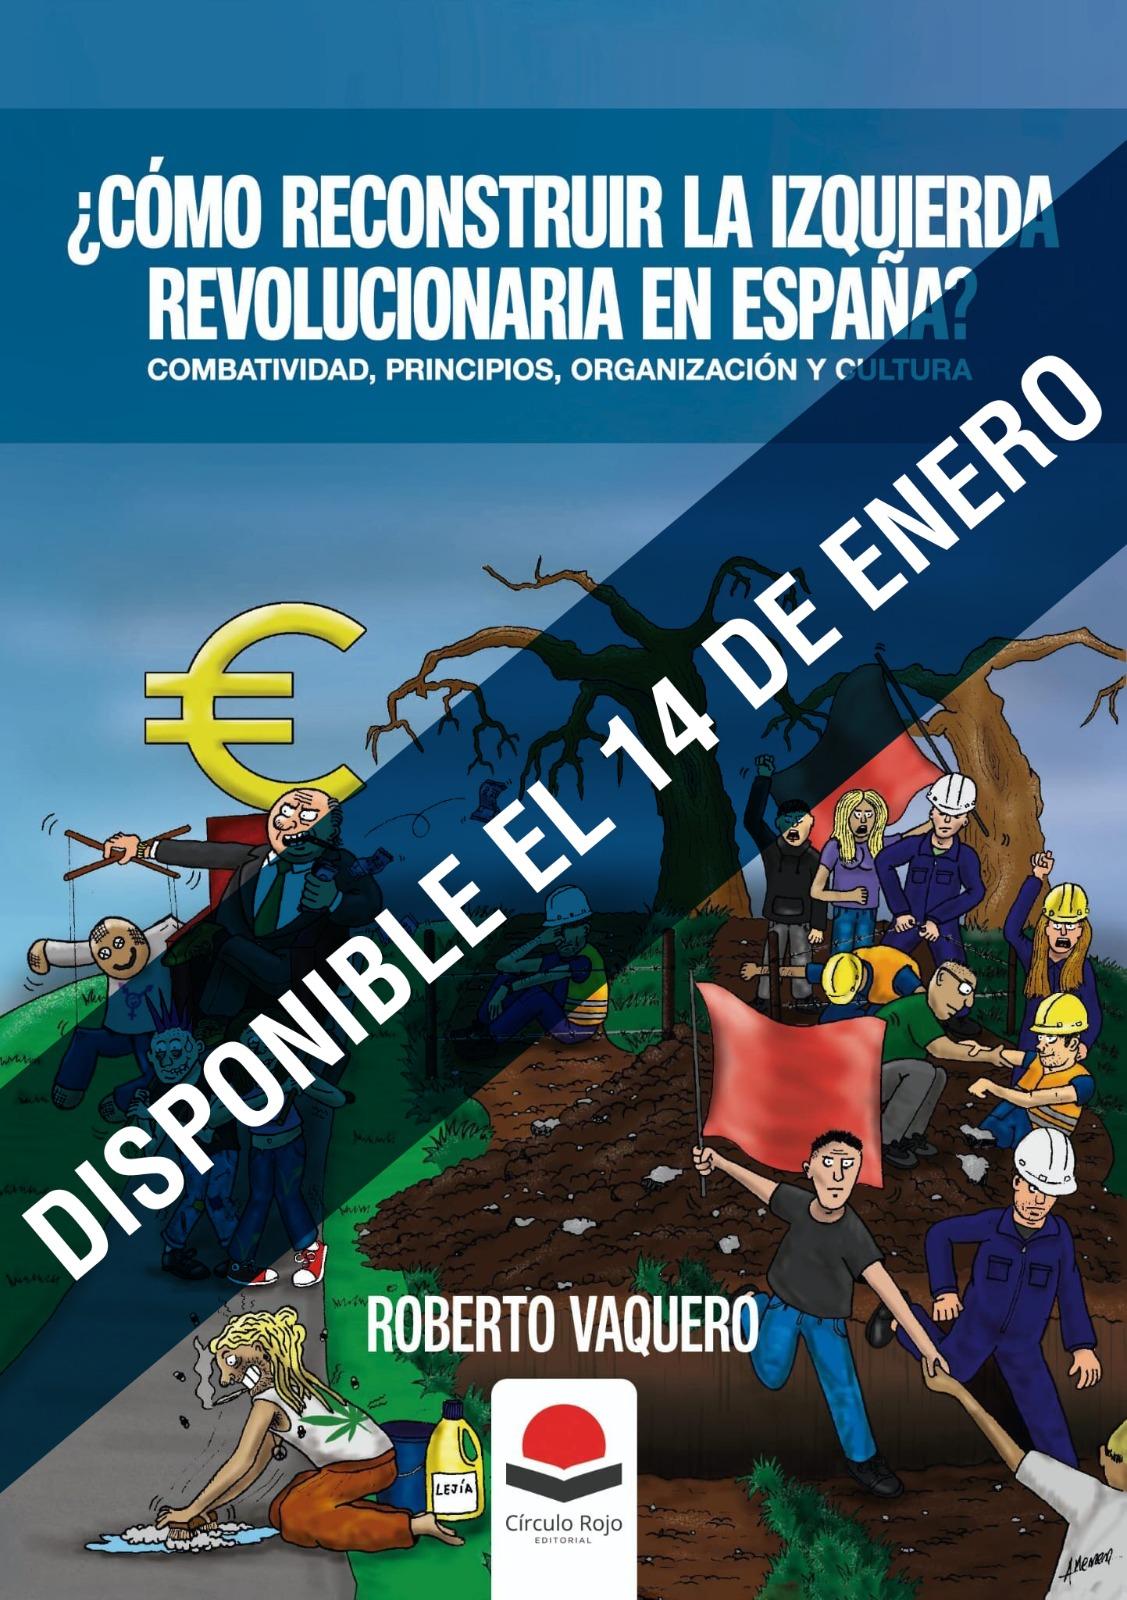 """DISPONIBLE EL 14 DE ENERO """"¿Cómo reconstruir la izquierda revolucionaria en España?"""""""